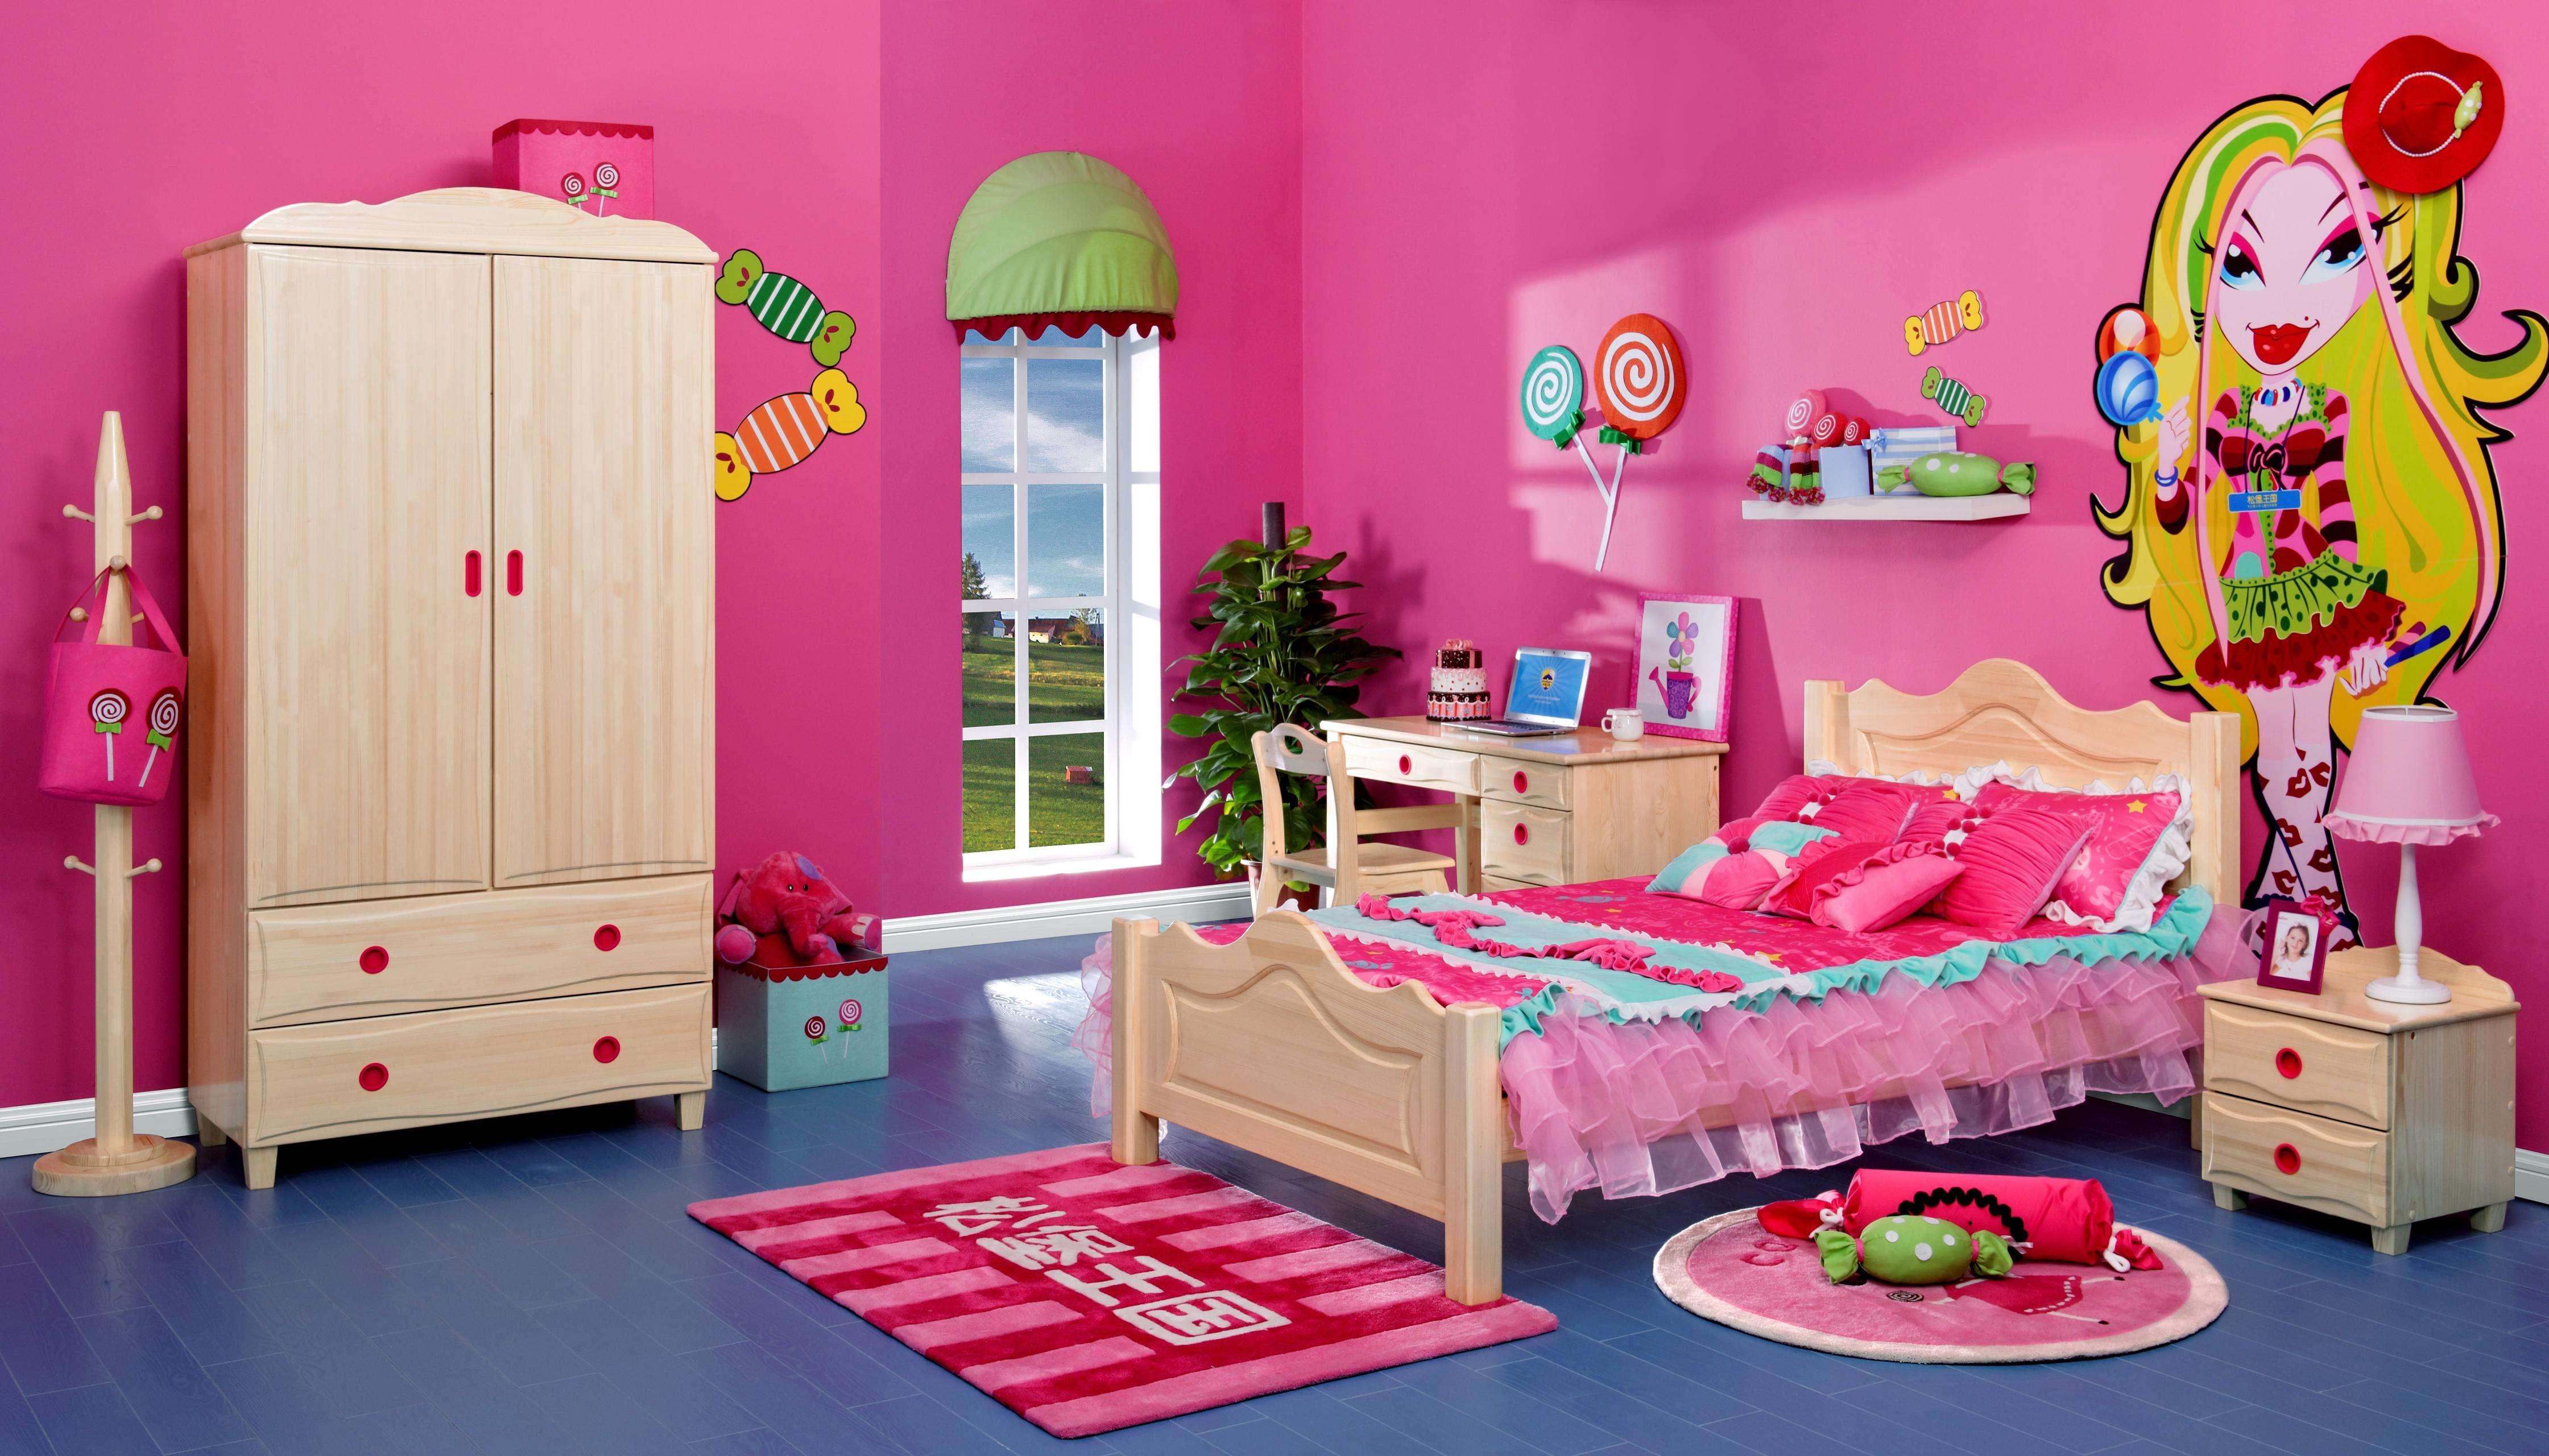 迪士尼儿童家具甲醛事件是真的吗